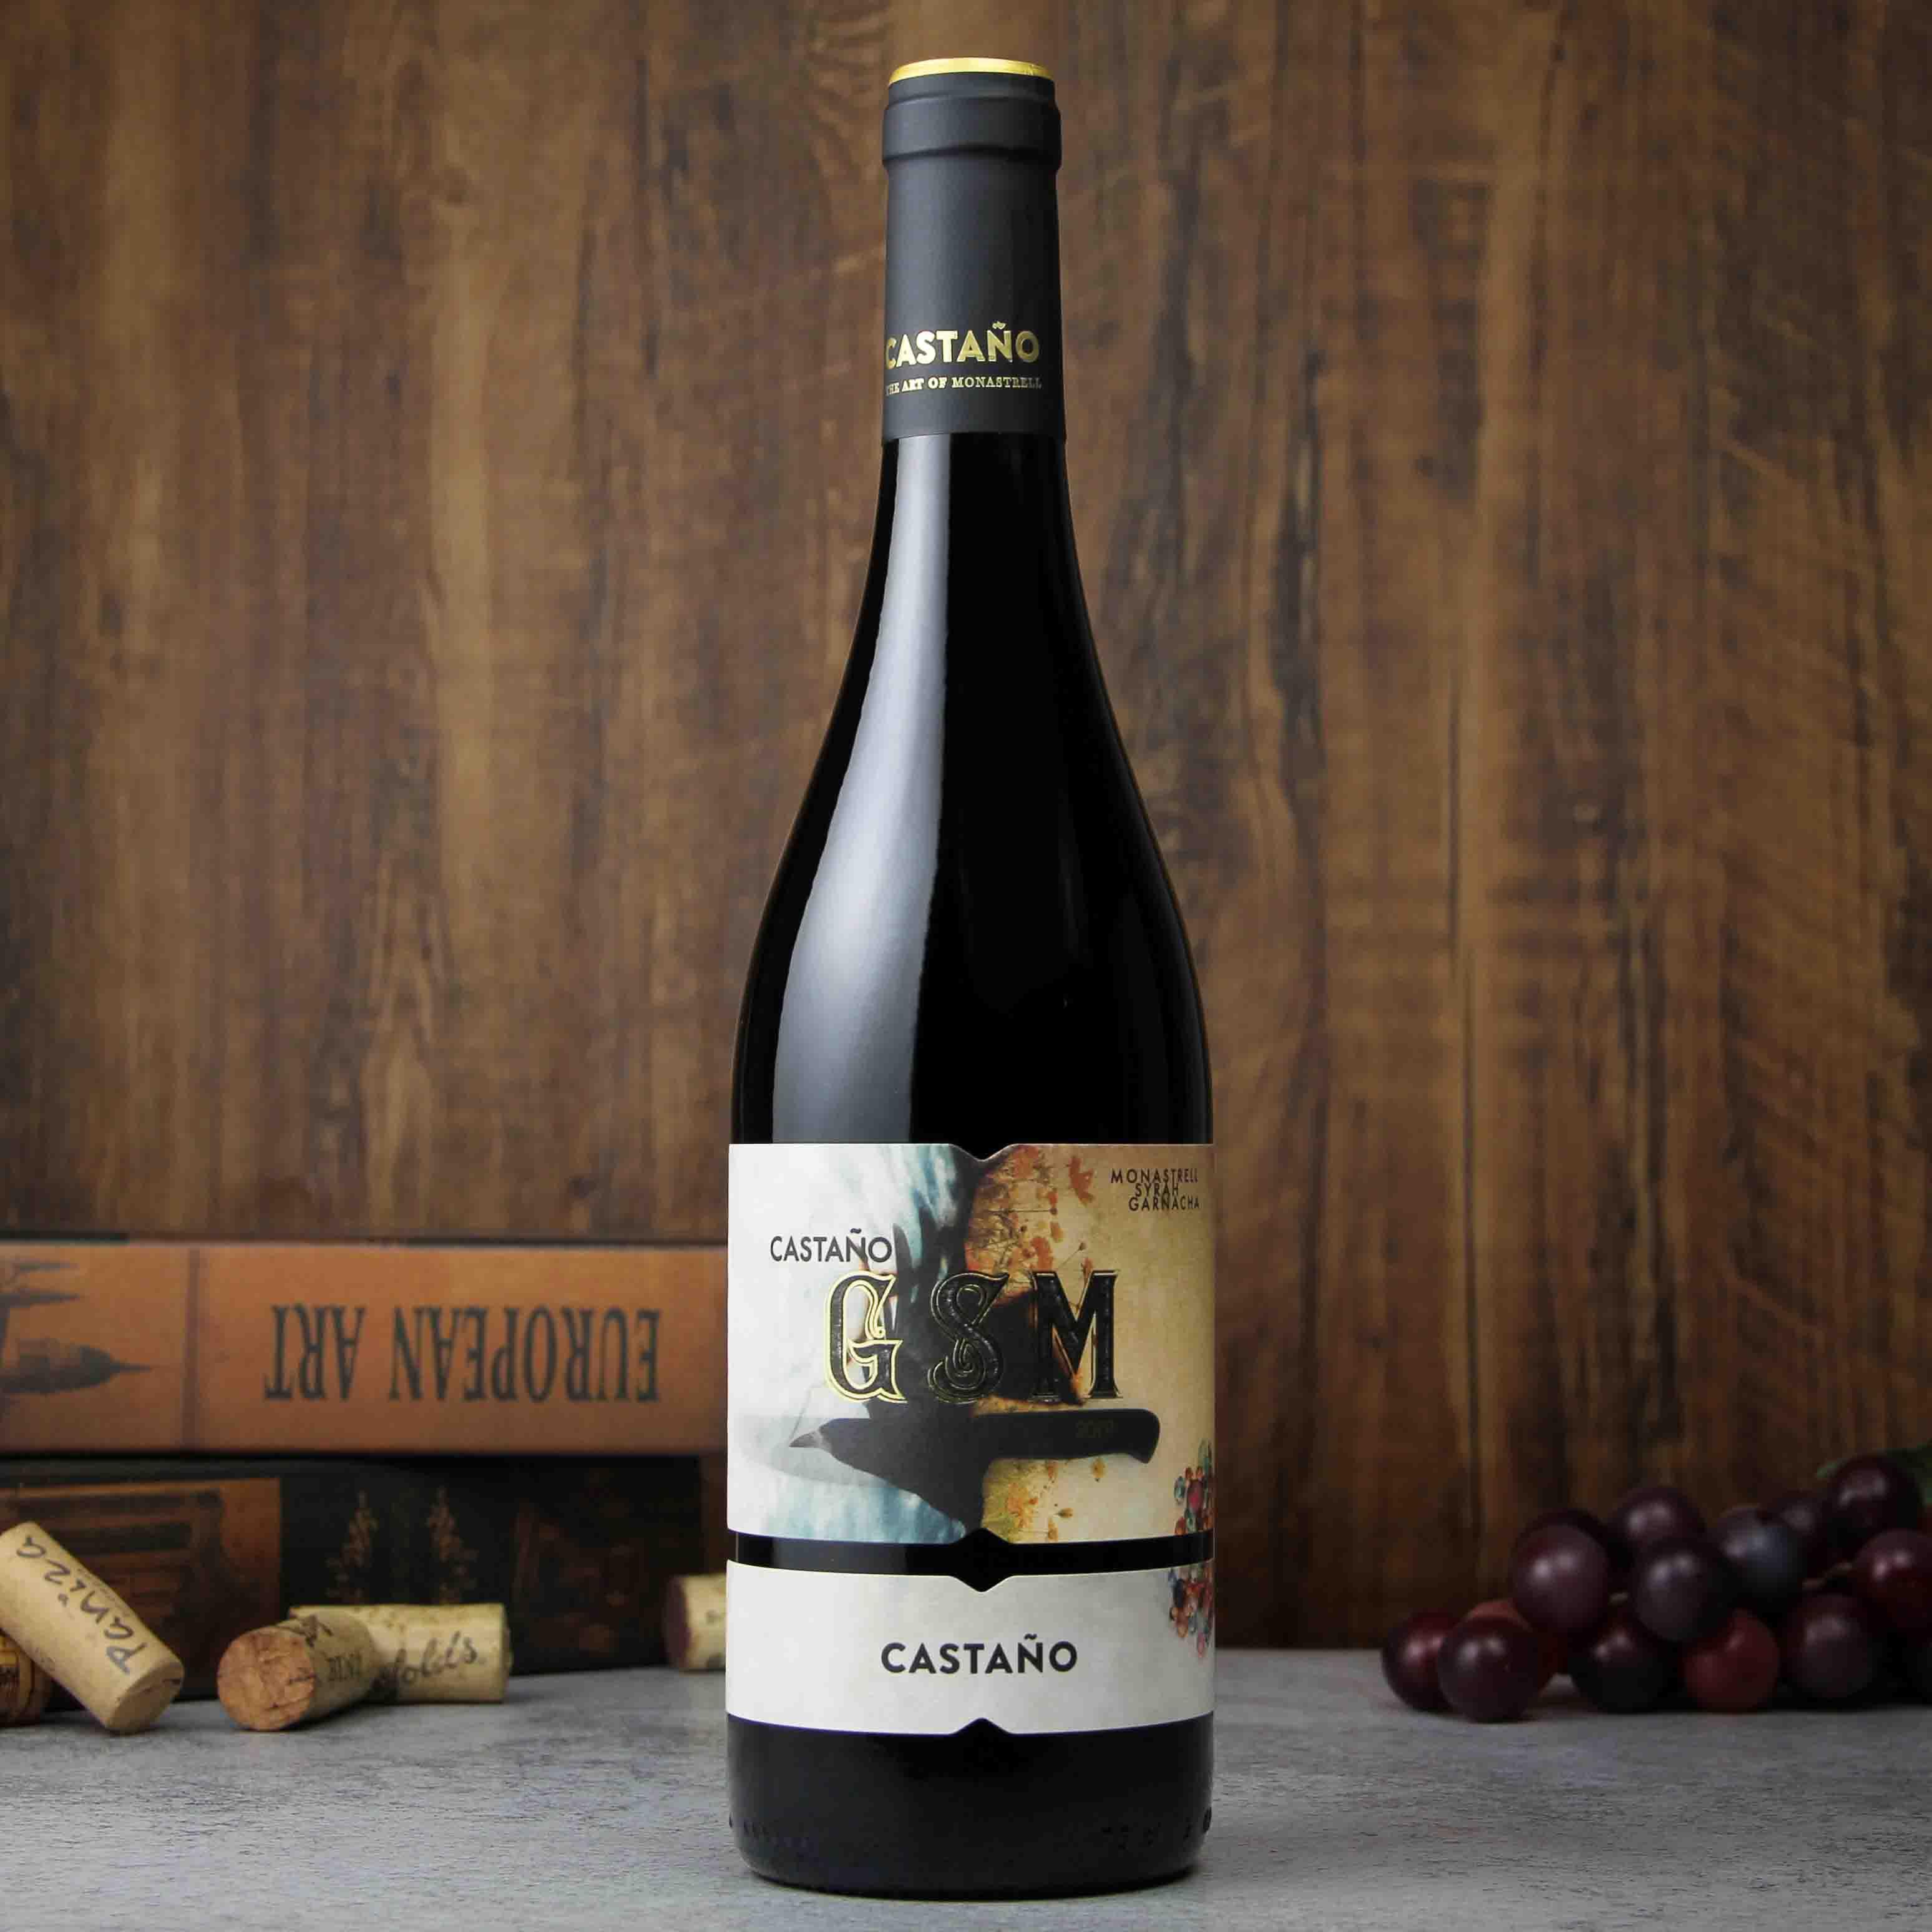 卡斯塔诺gsm干型葡萄酒